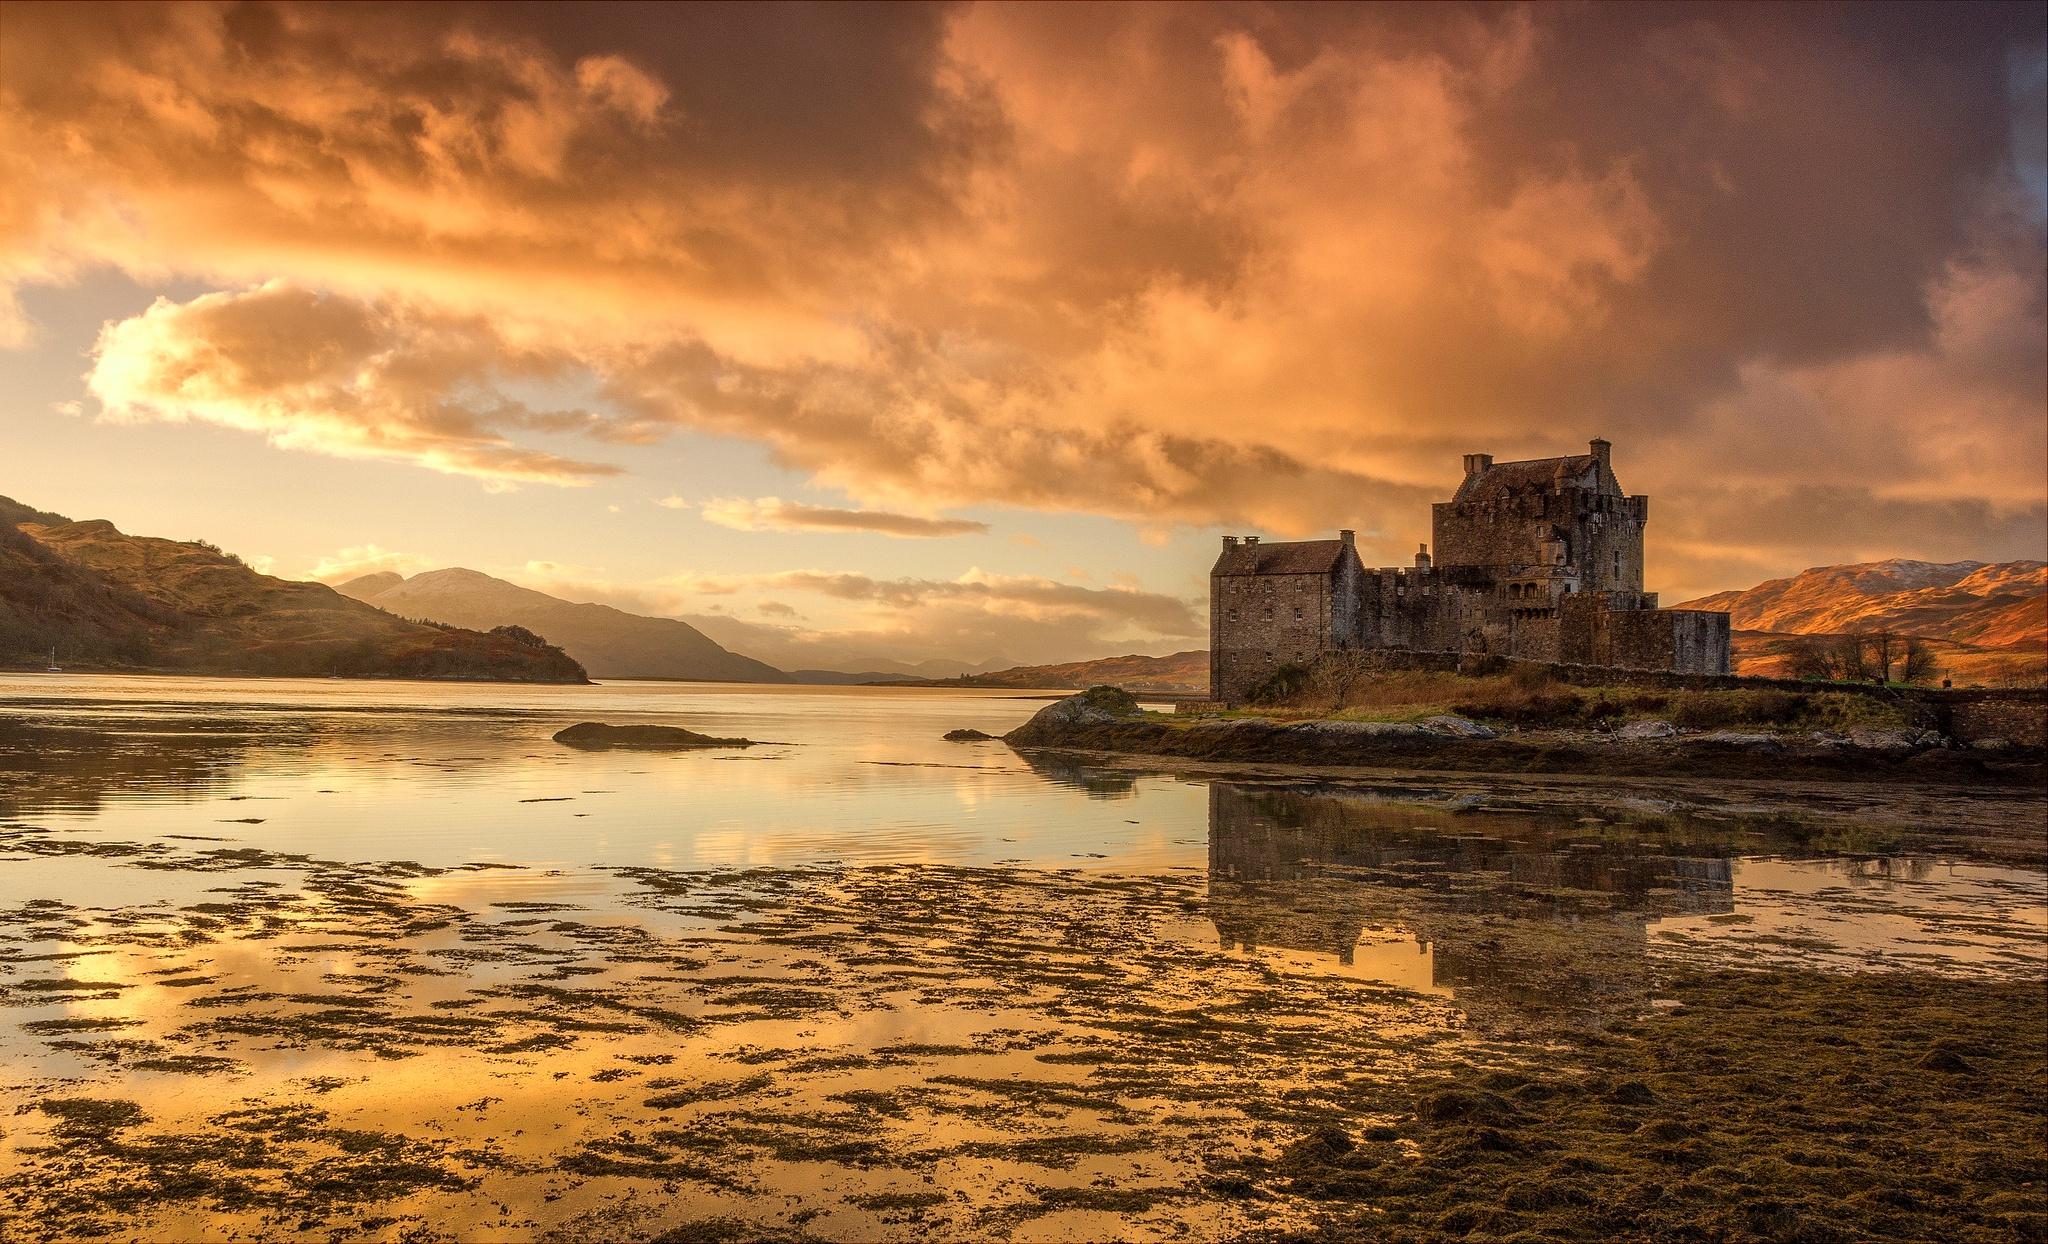 Building Castle Cloud Eilean Donan Castle Lake Landscape Reflection Scotland 2048x1244